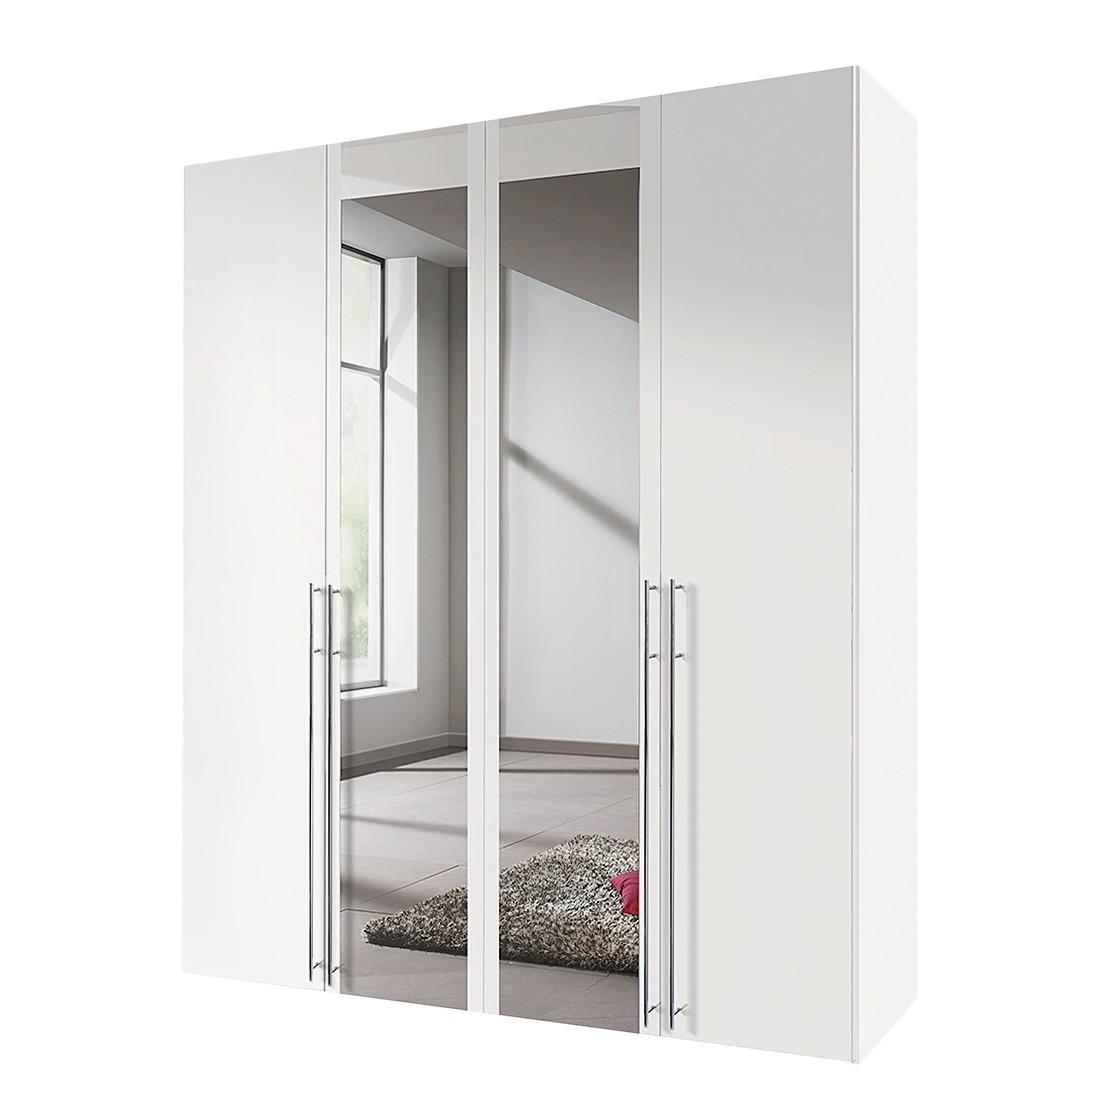 Drehtürenschrank Melva – Polarweiß/Spiegel – BxH: 250 x 236 cm – 5-türig, Solutions günstig online kaufen